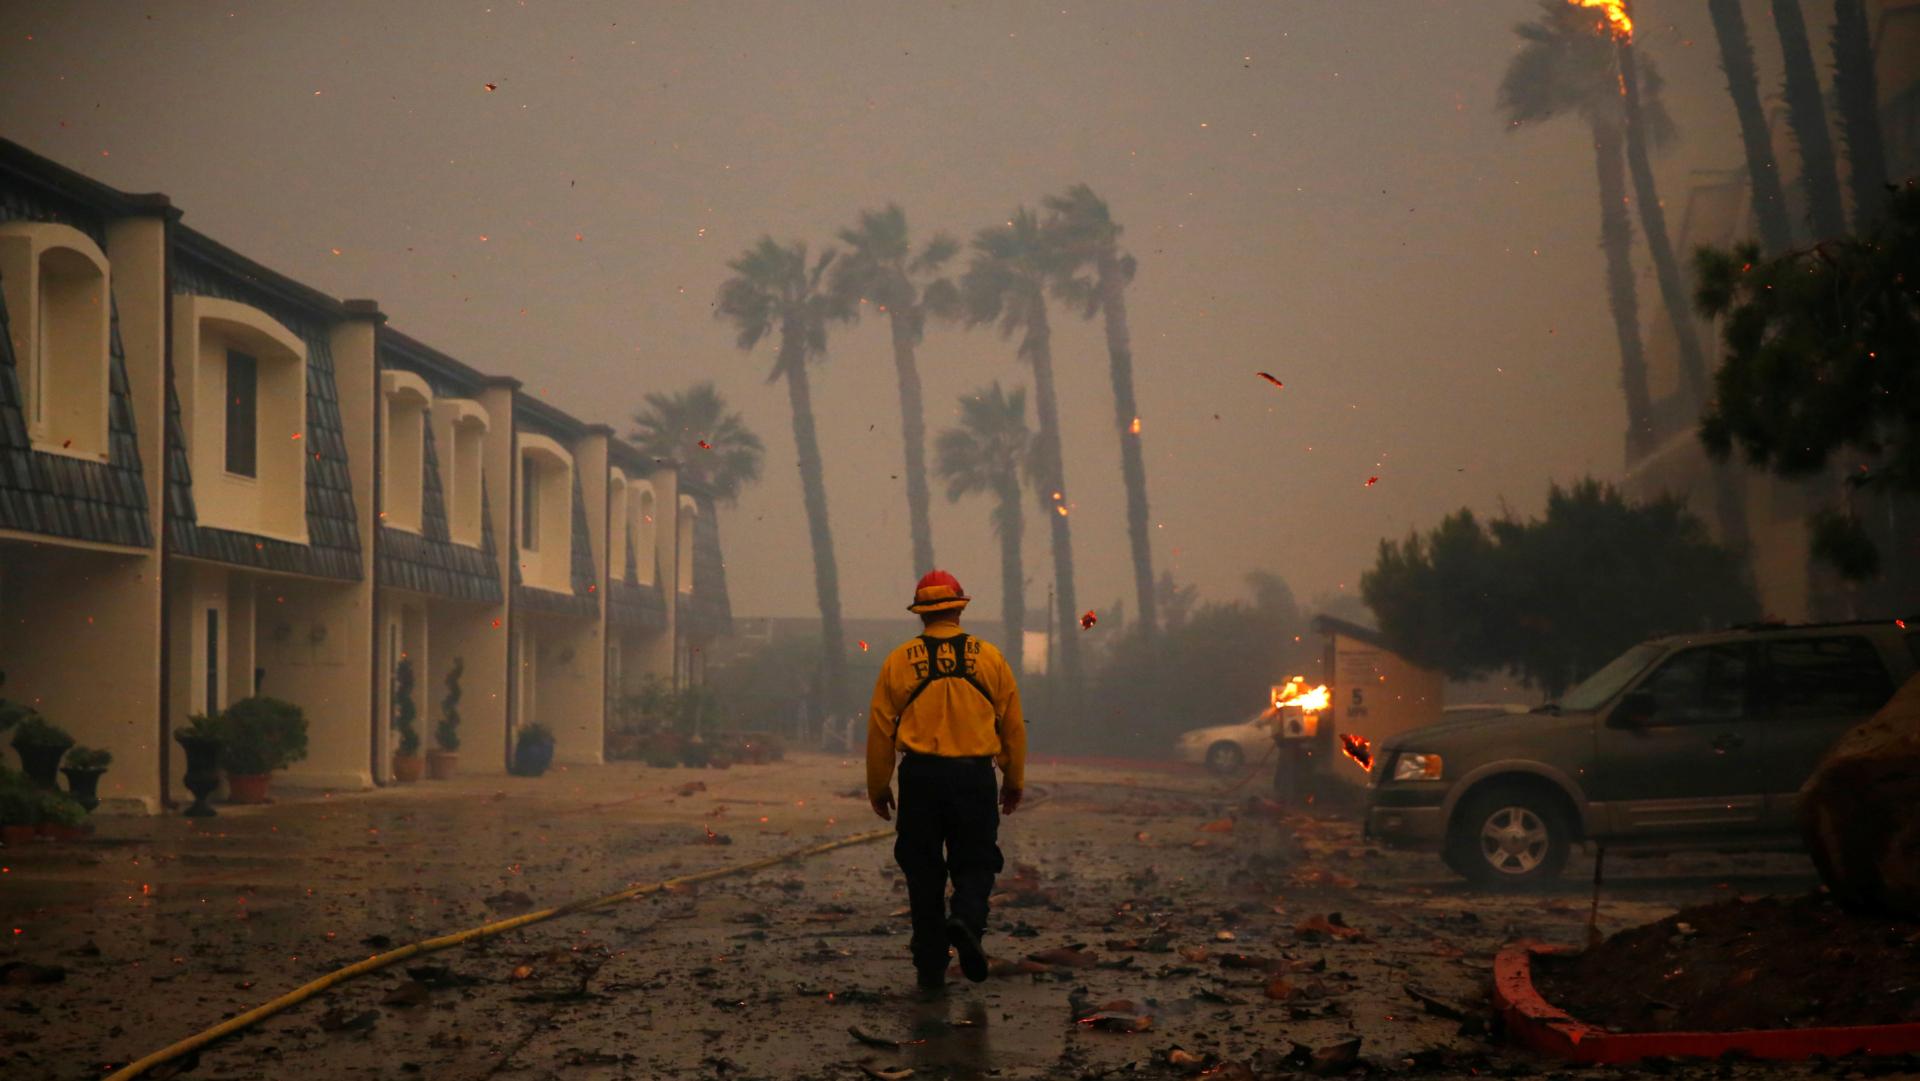 Un bombero camina por zona aledaña que aún no ha sido devastada por el incendio. (Reuters)